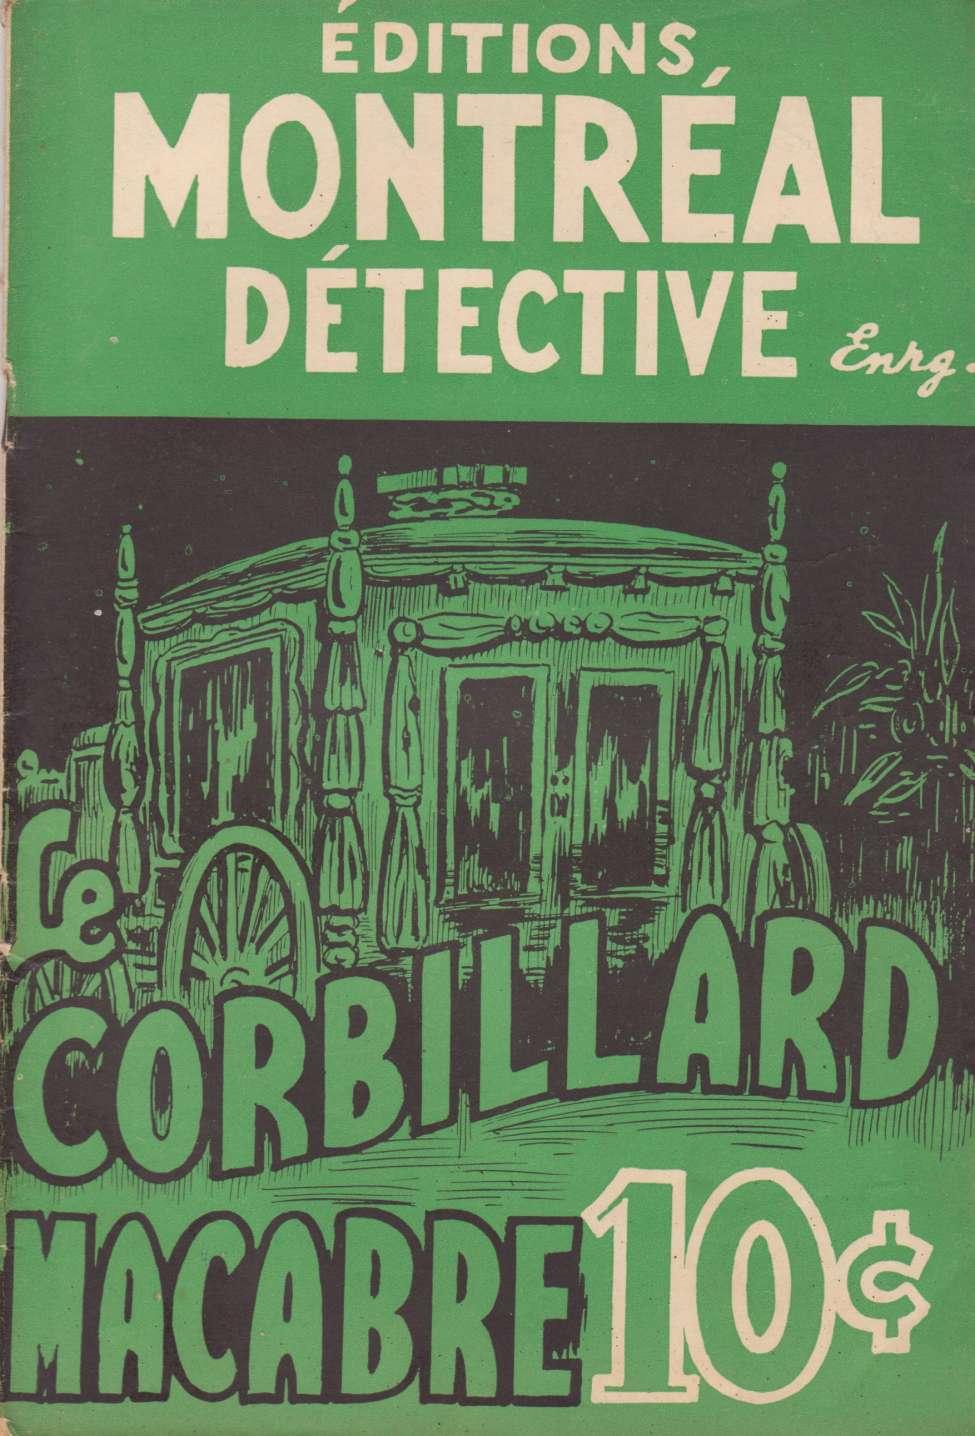 Comic Book Cover For Domino Noir 02 - Le corbillard macabre